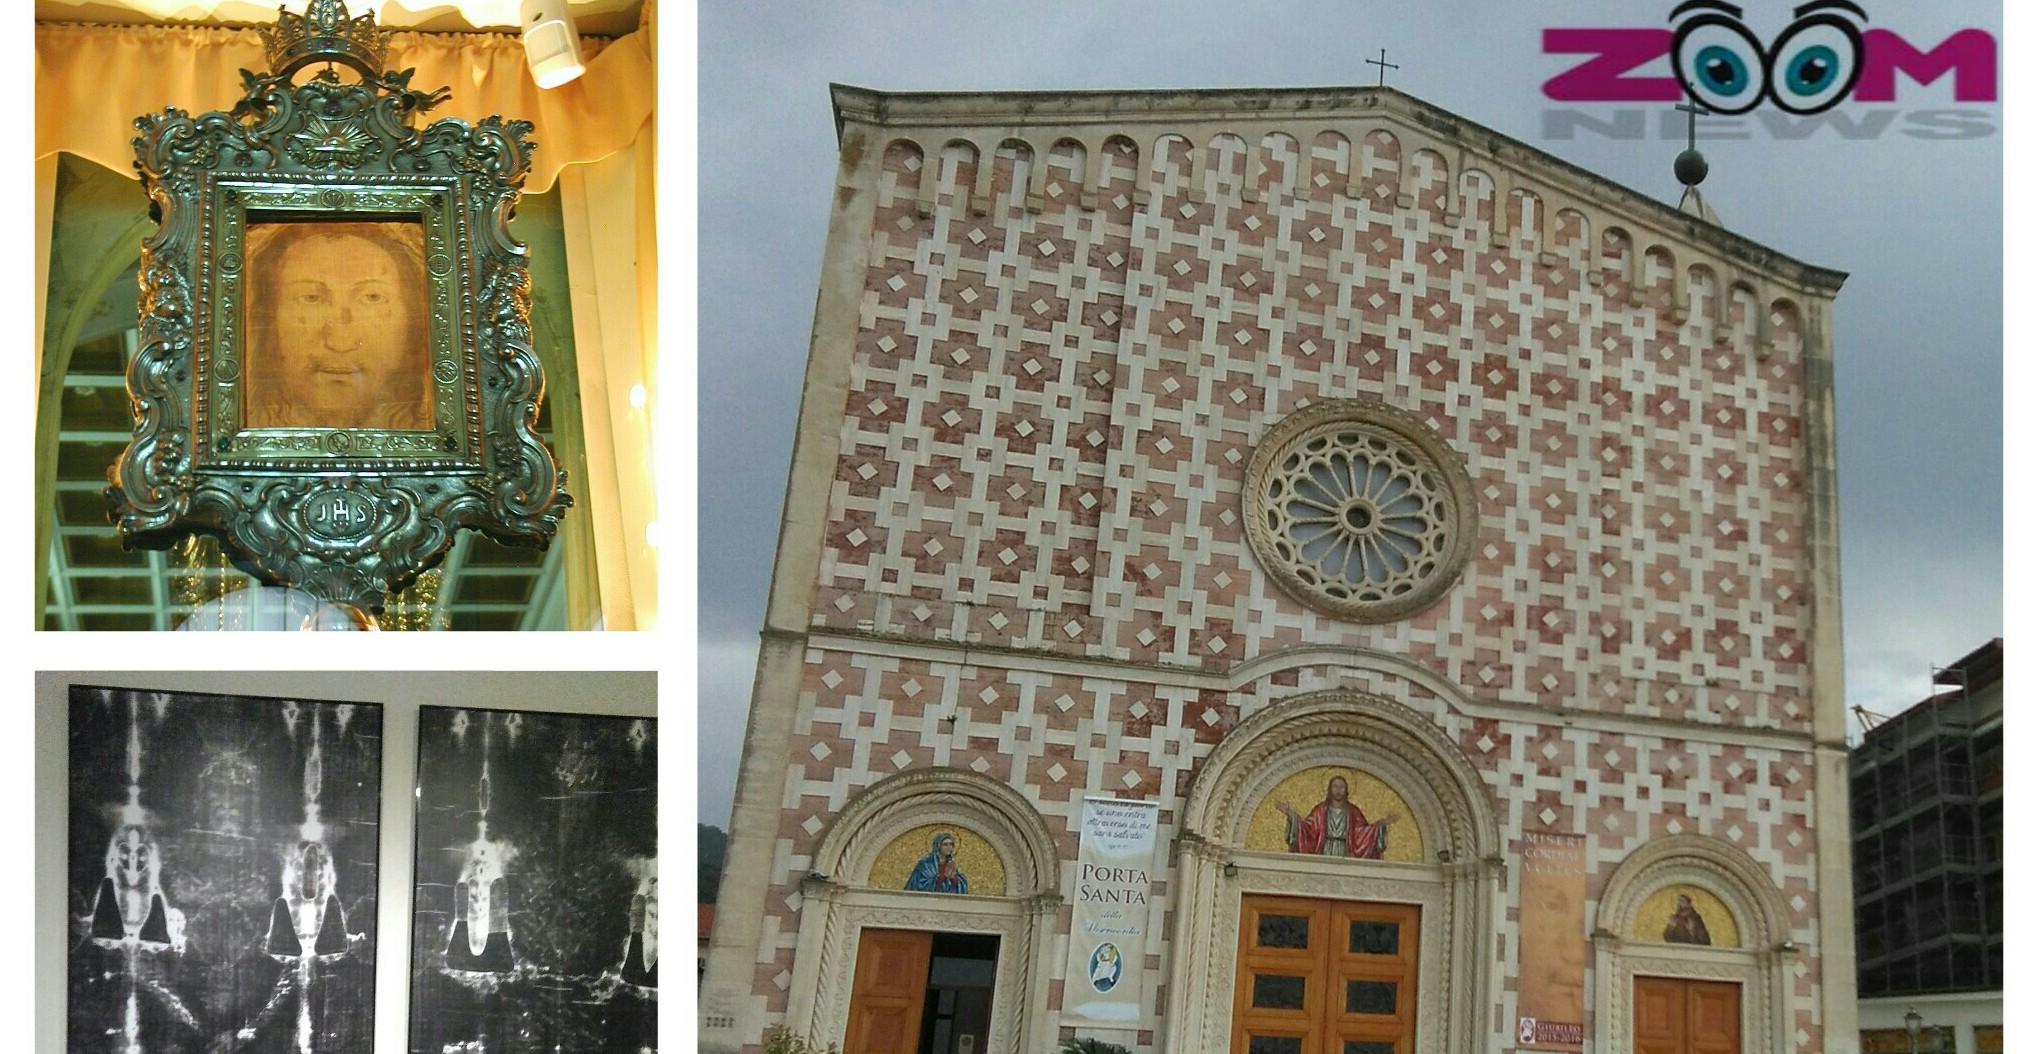 Manoppello collage